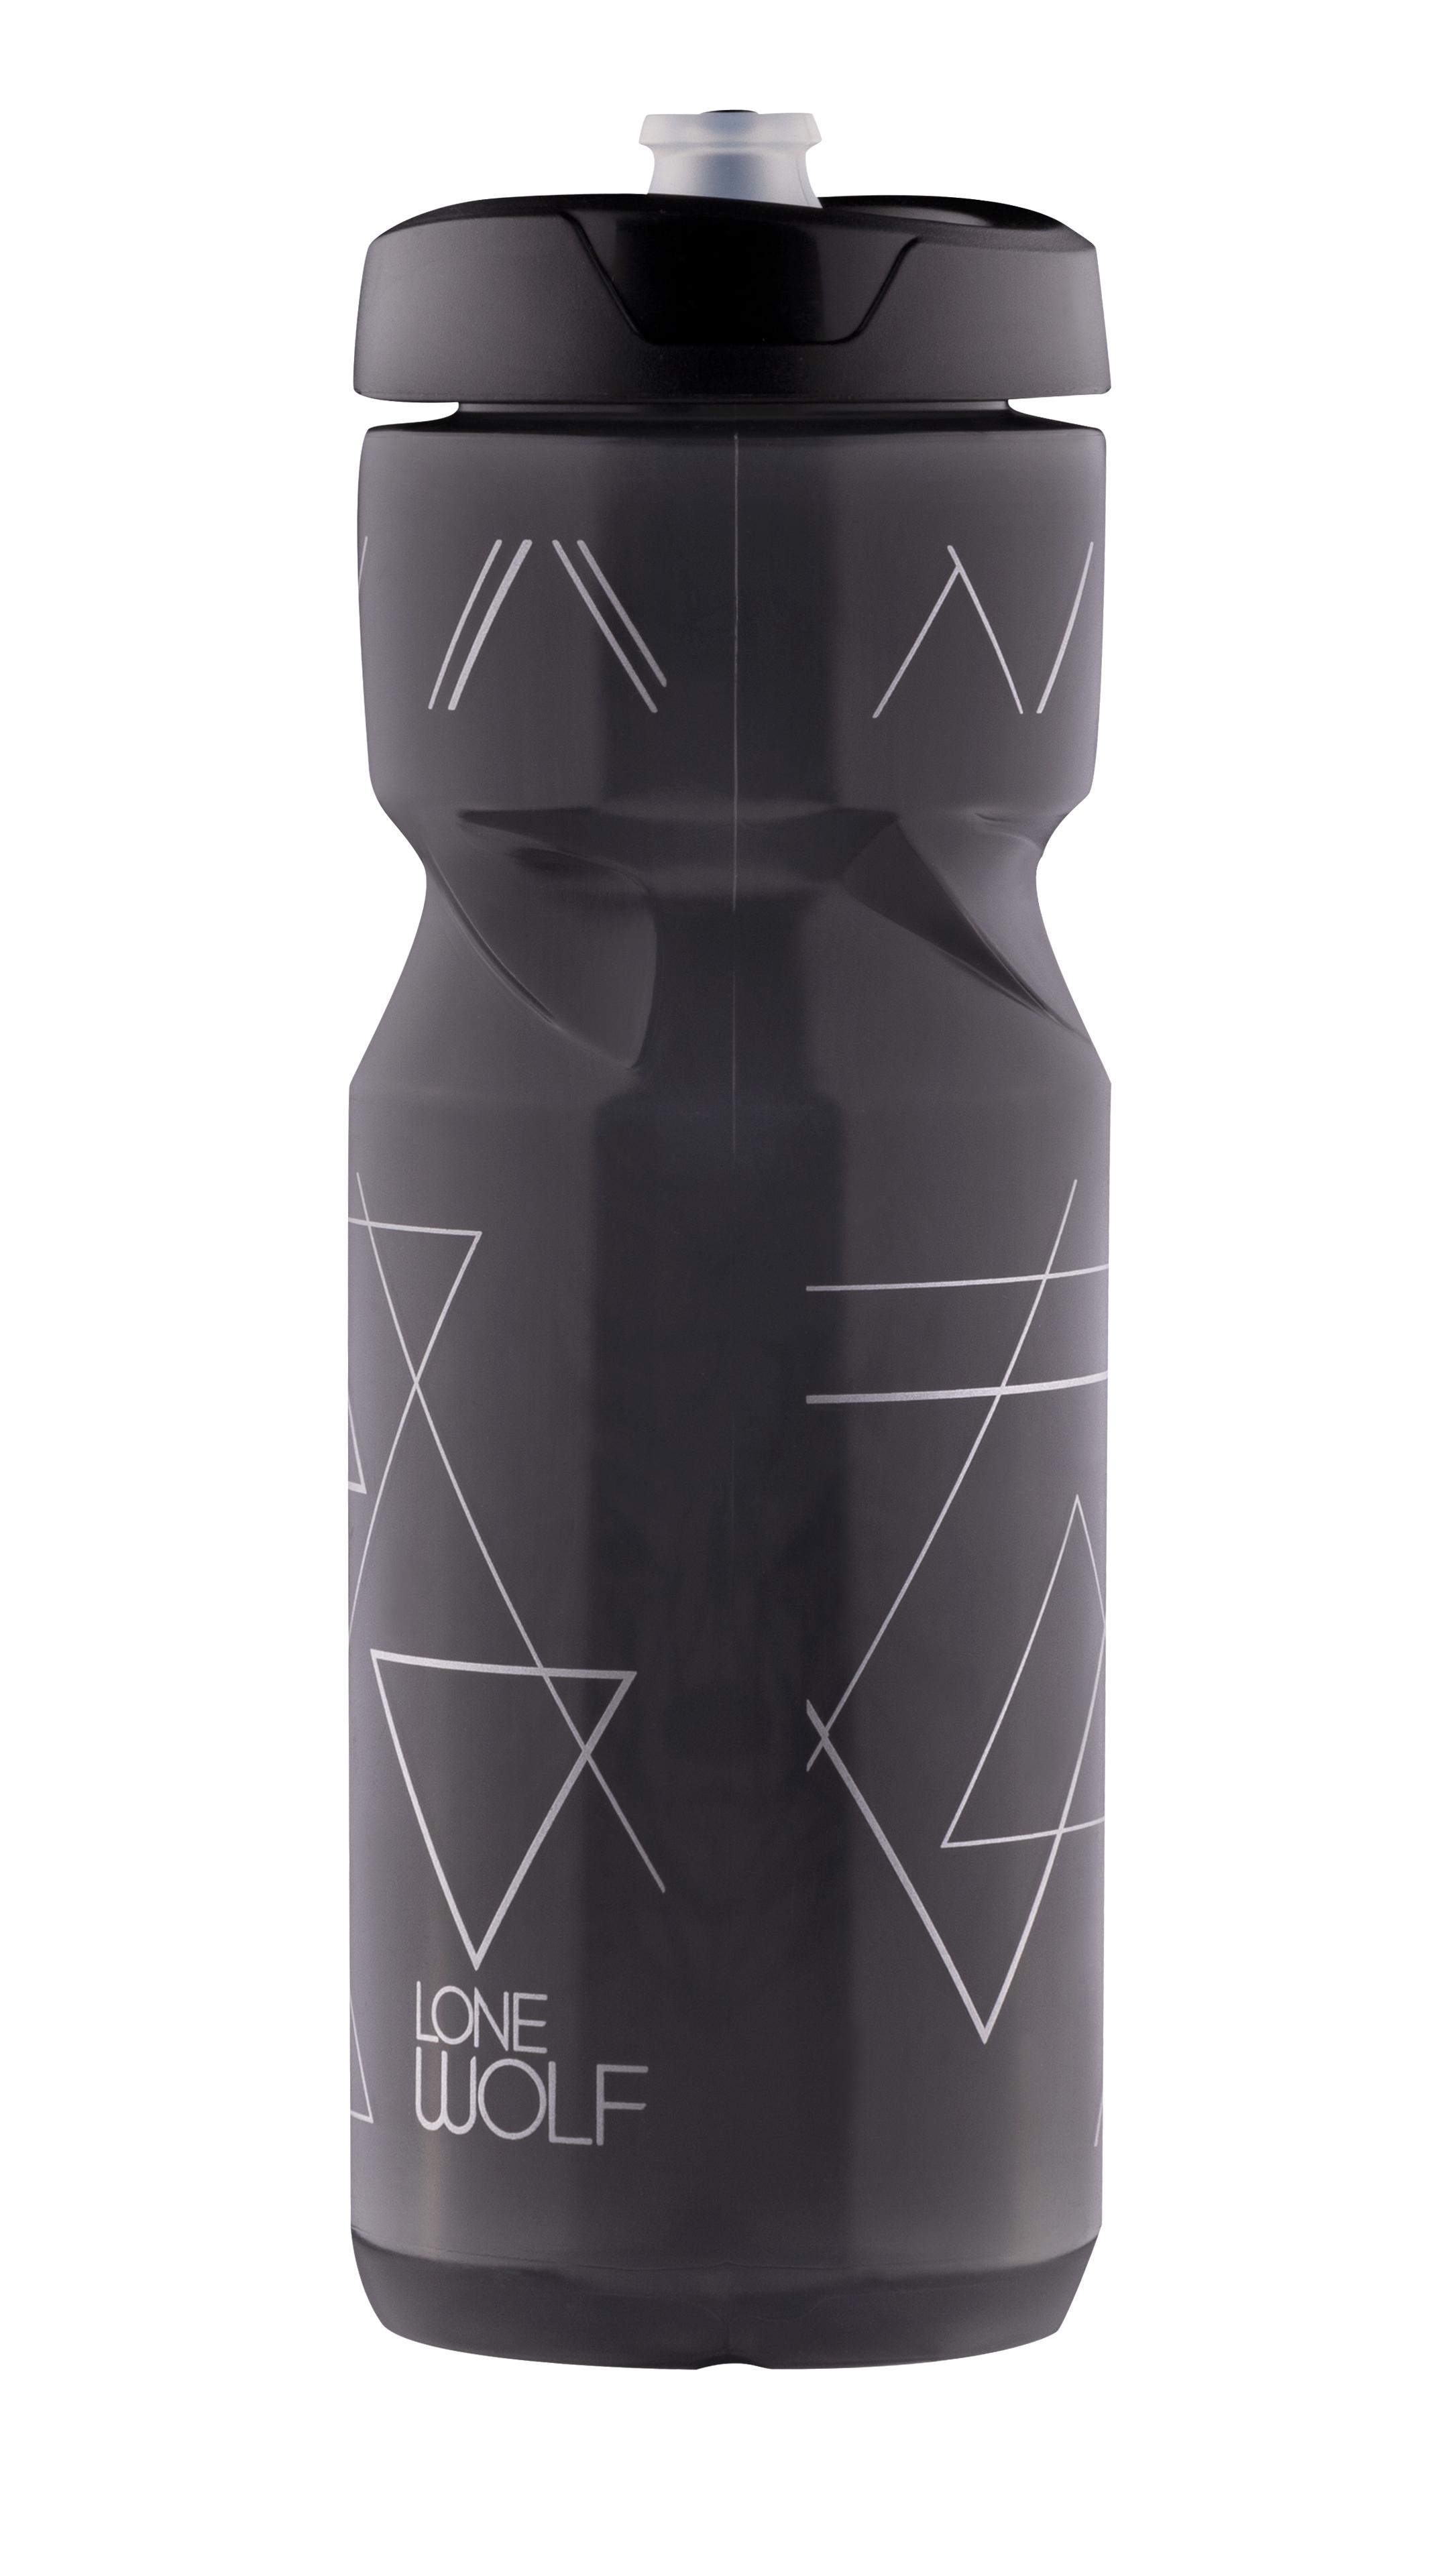 láhev FORCE LONE WOLF 0,8 l, černá kouřová-šedá